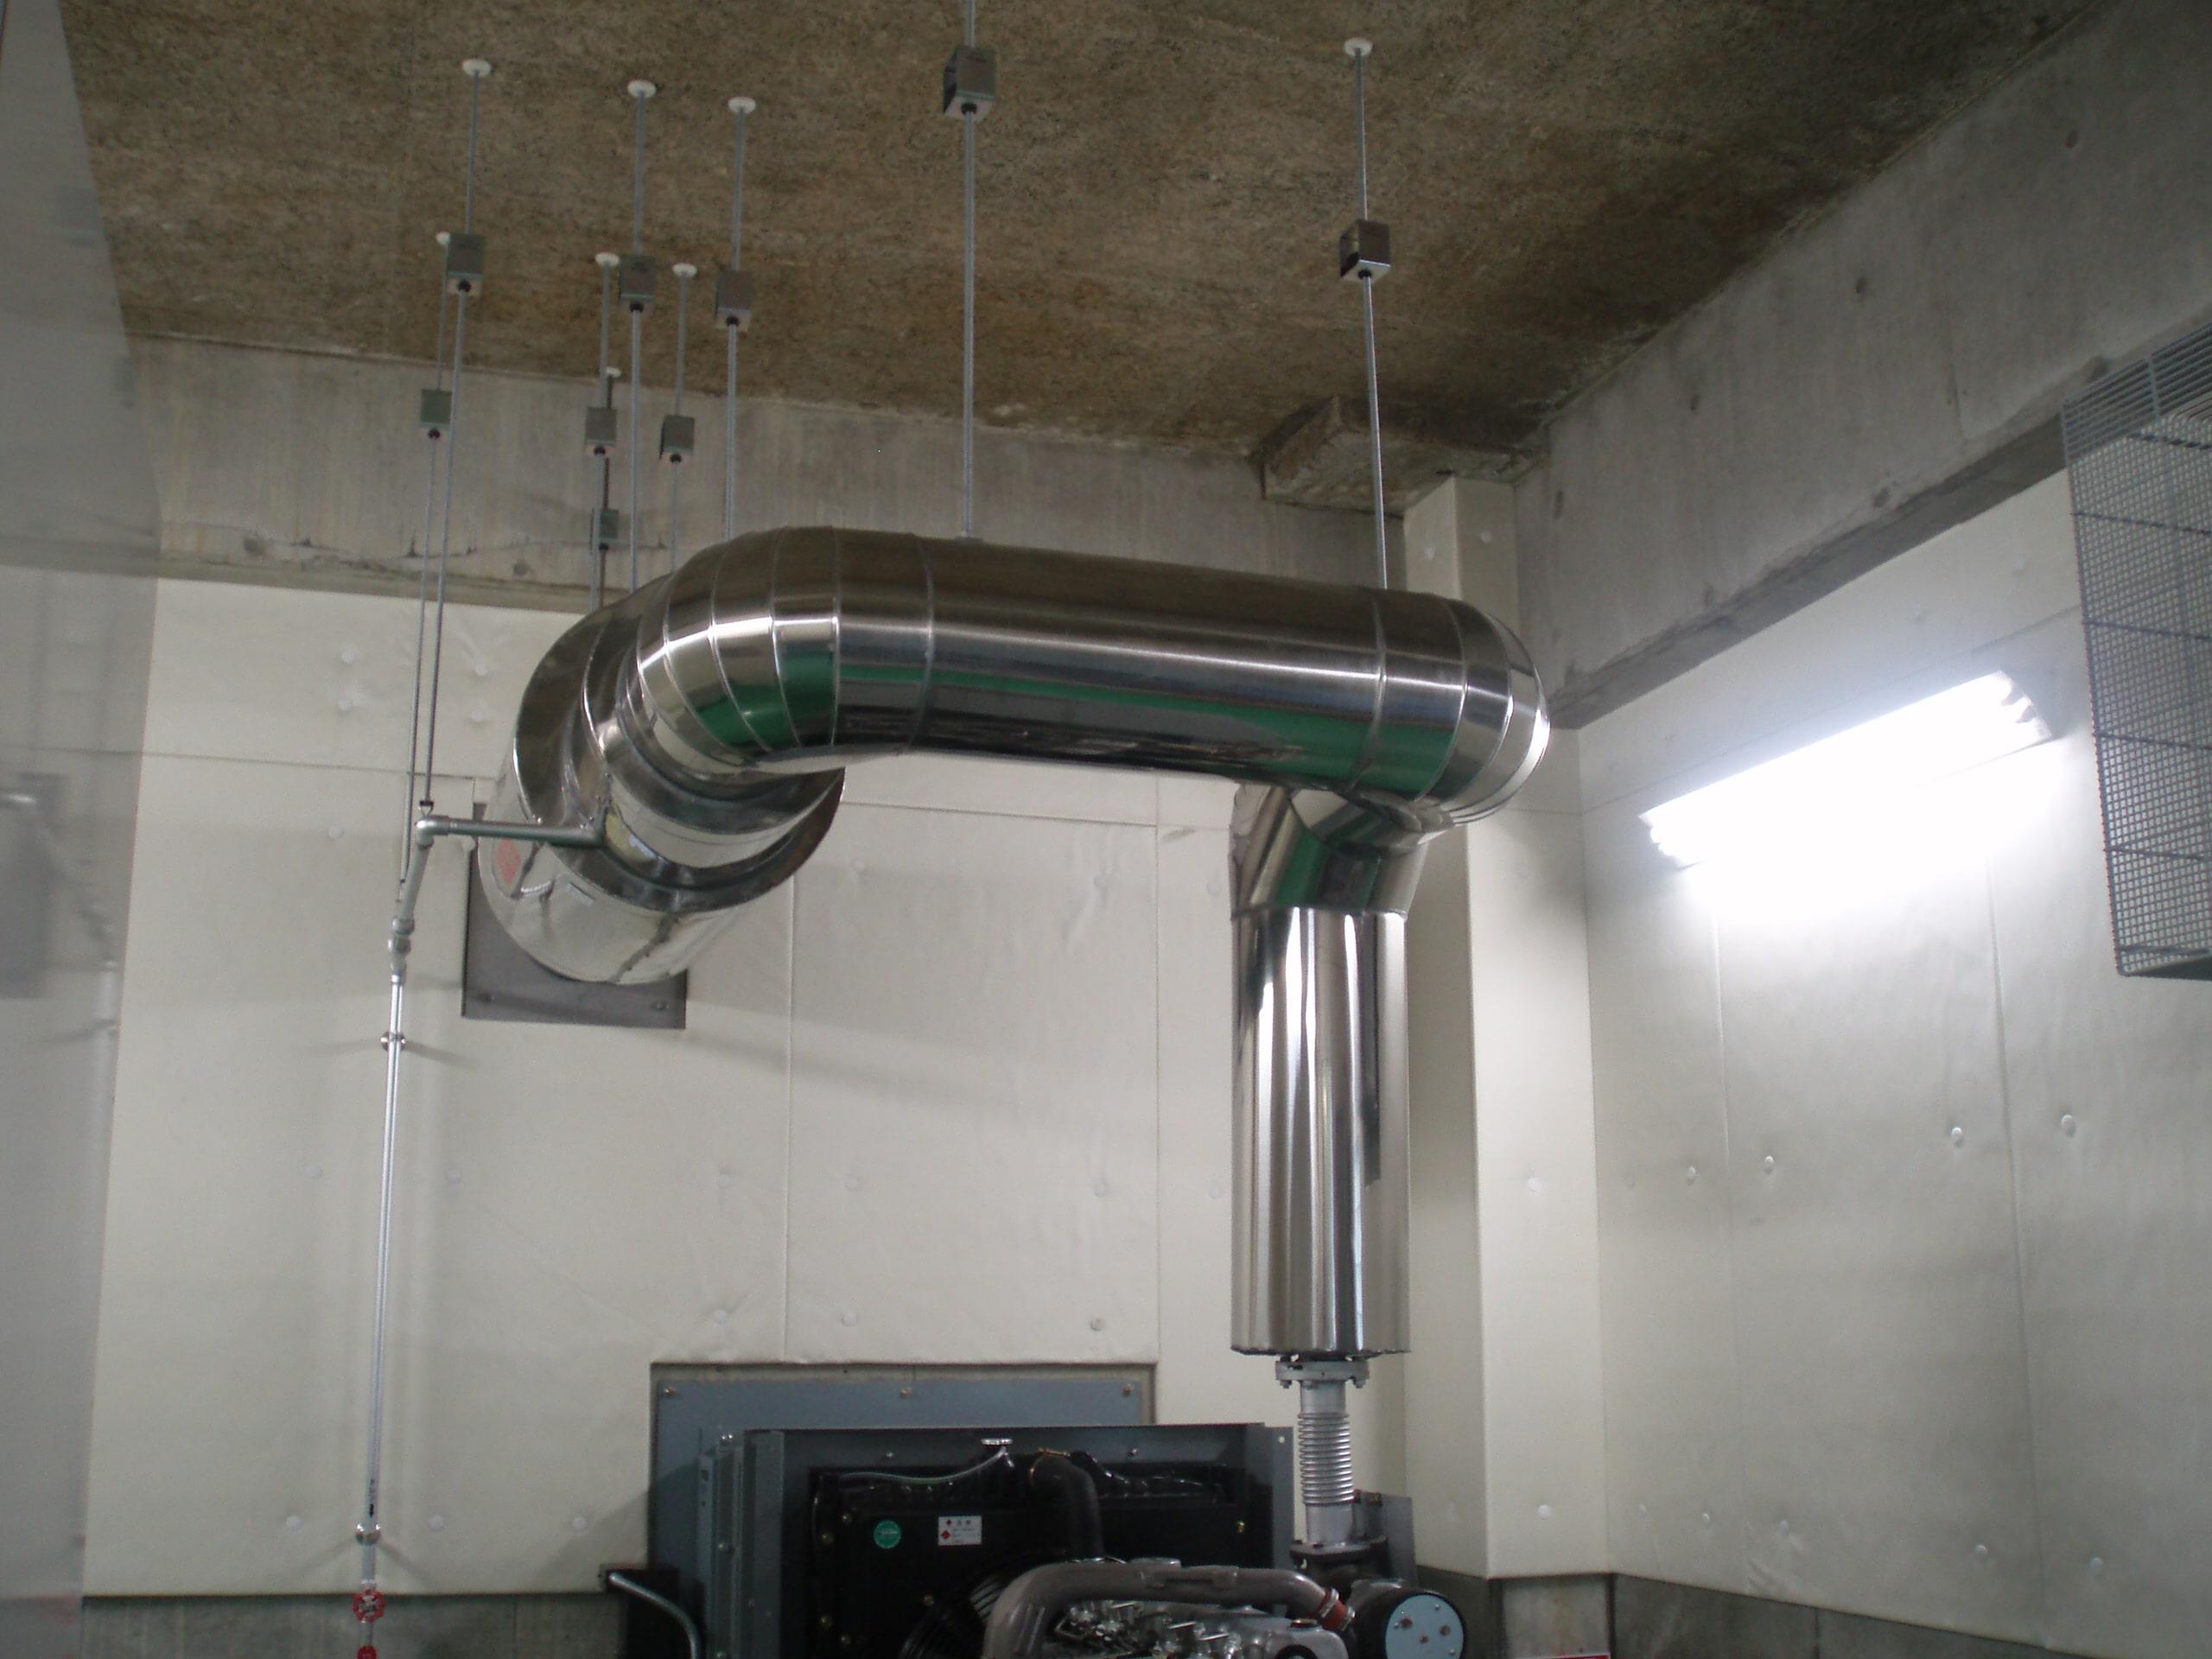 (発電機設置及び排気管製作取付・薩摩川内市内某トンネル照明施設)